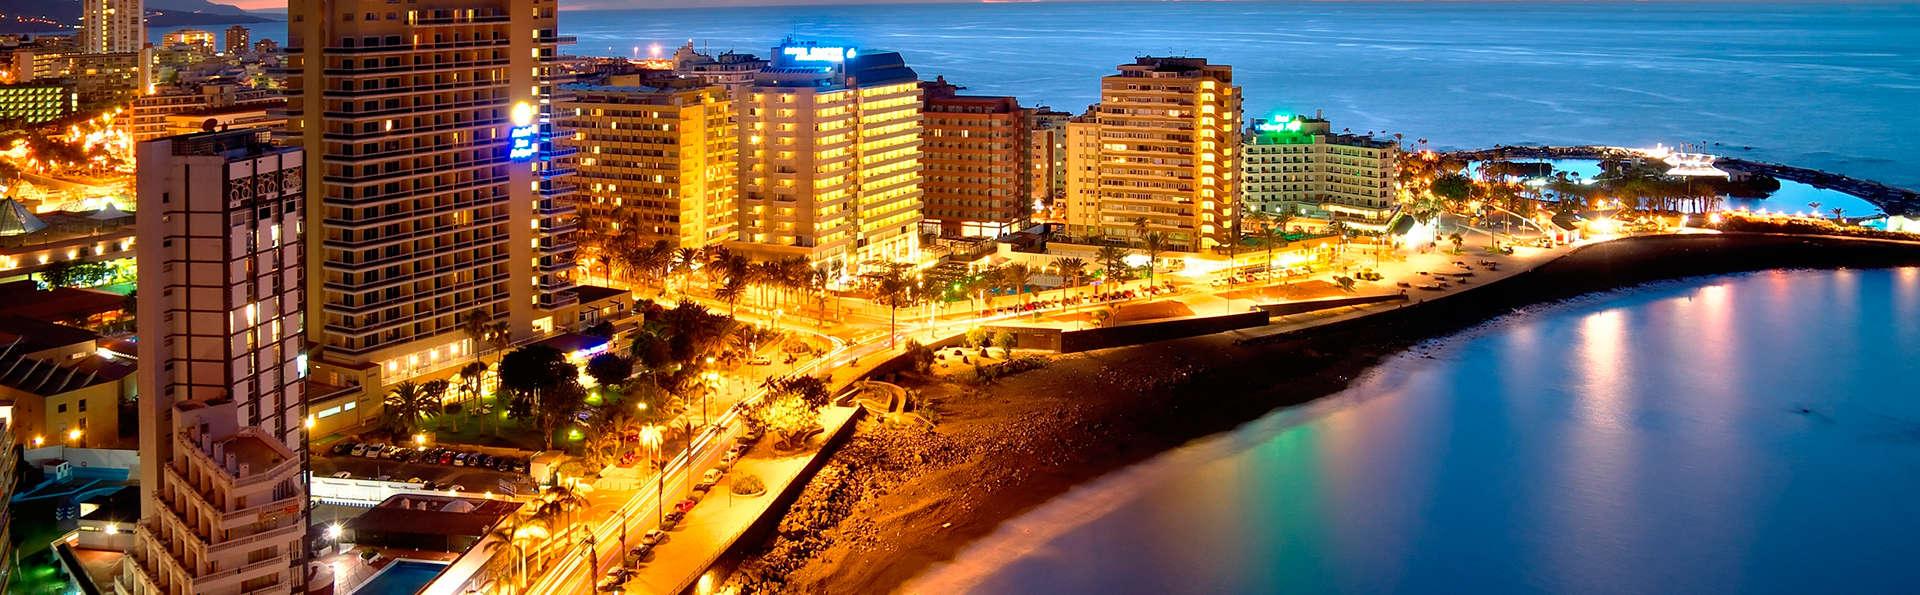 Hotel Globales Acuario - EDIT_pto_de_la_cruz.jpg